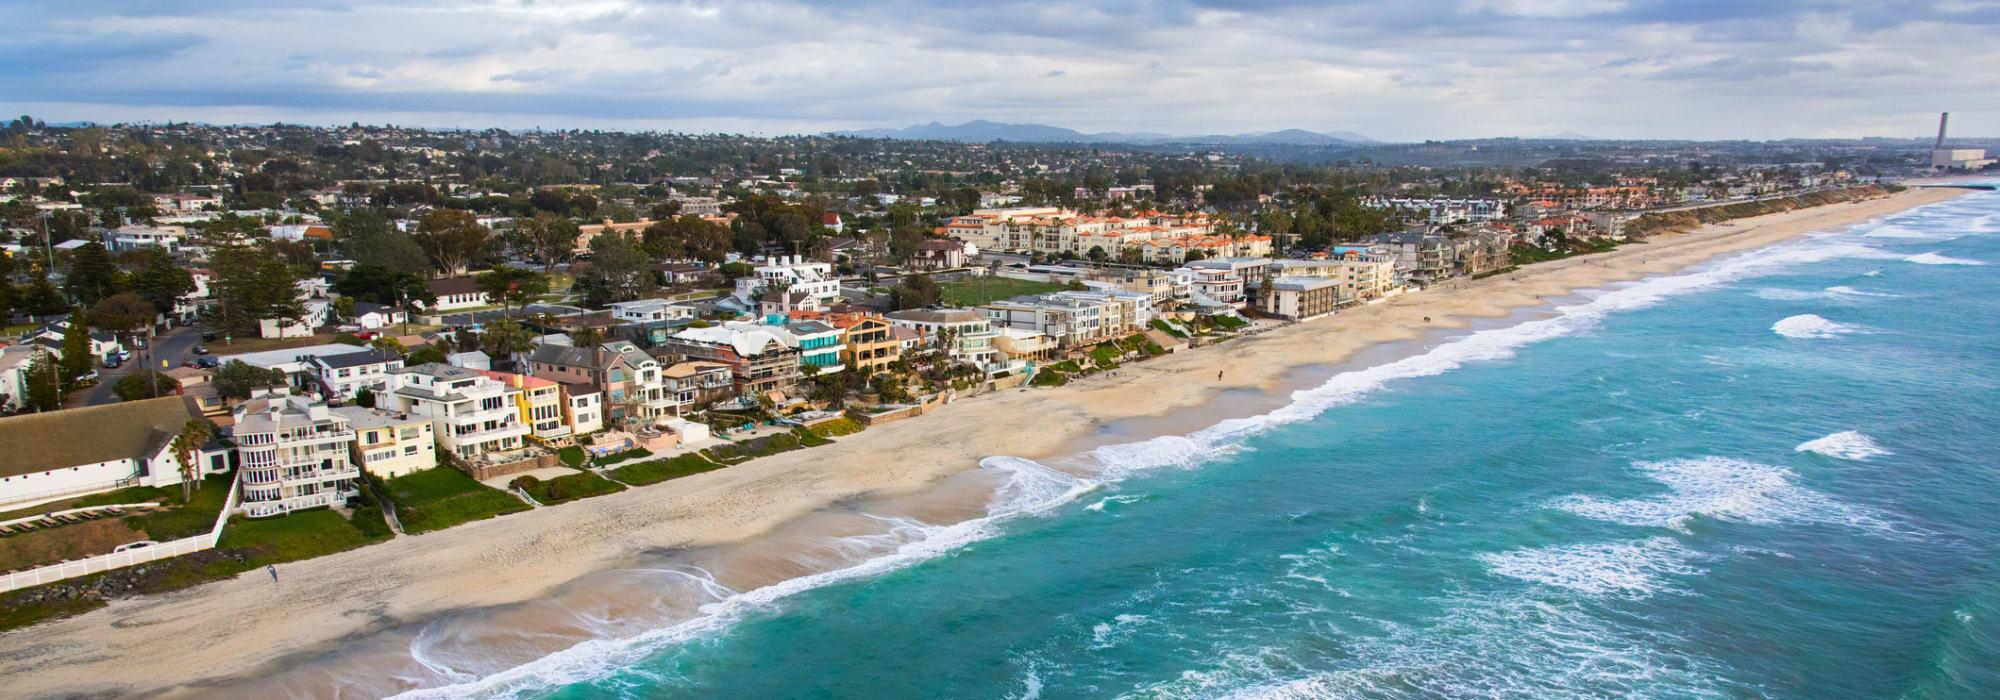 A beach near Otay Crossing Self Storage in San Diego, California